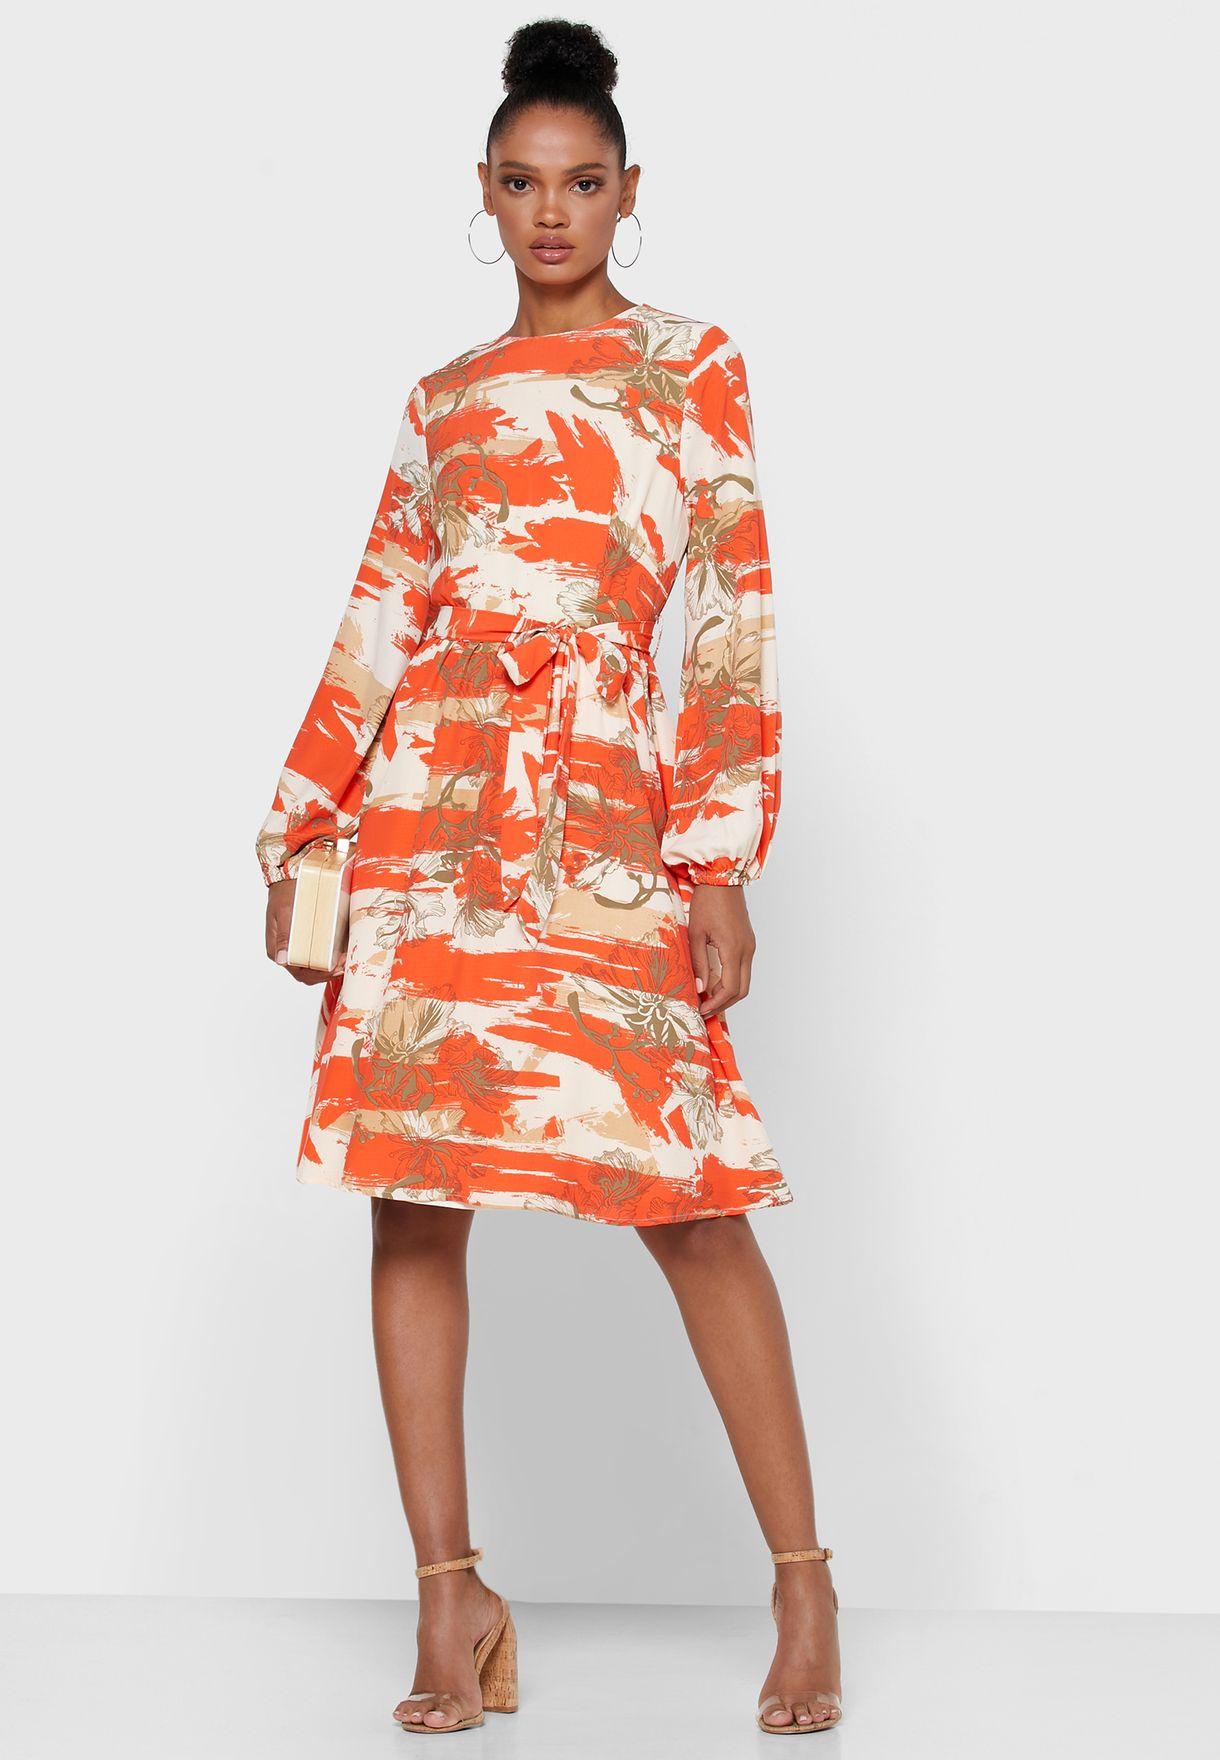 Floral Print Puffed Sleeve Self Tie Mini Dress